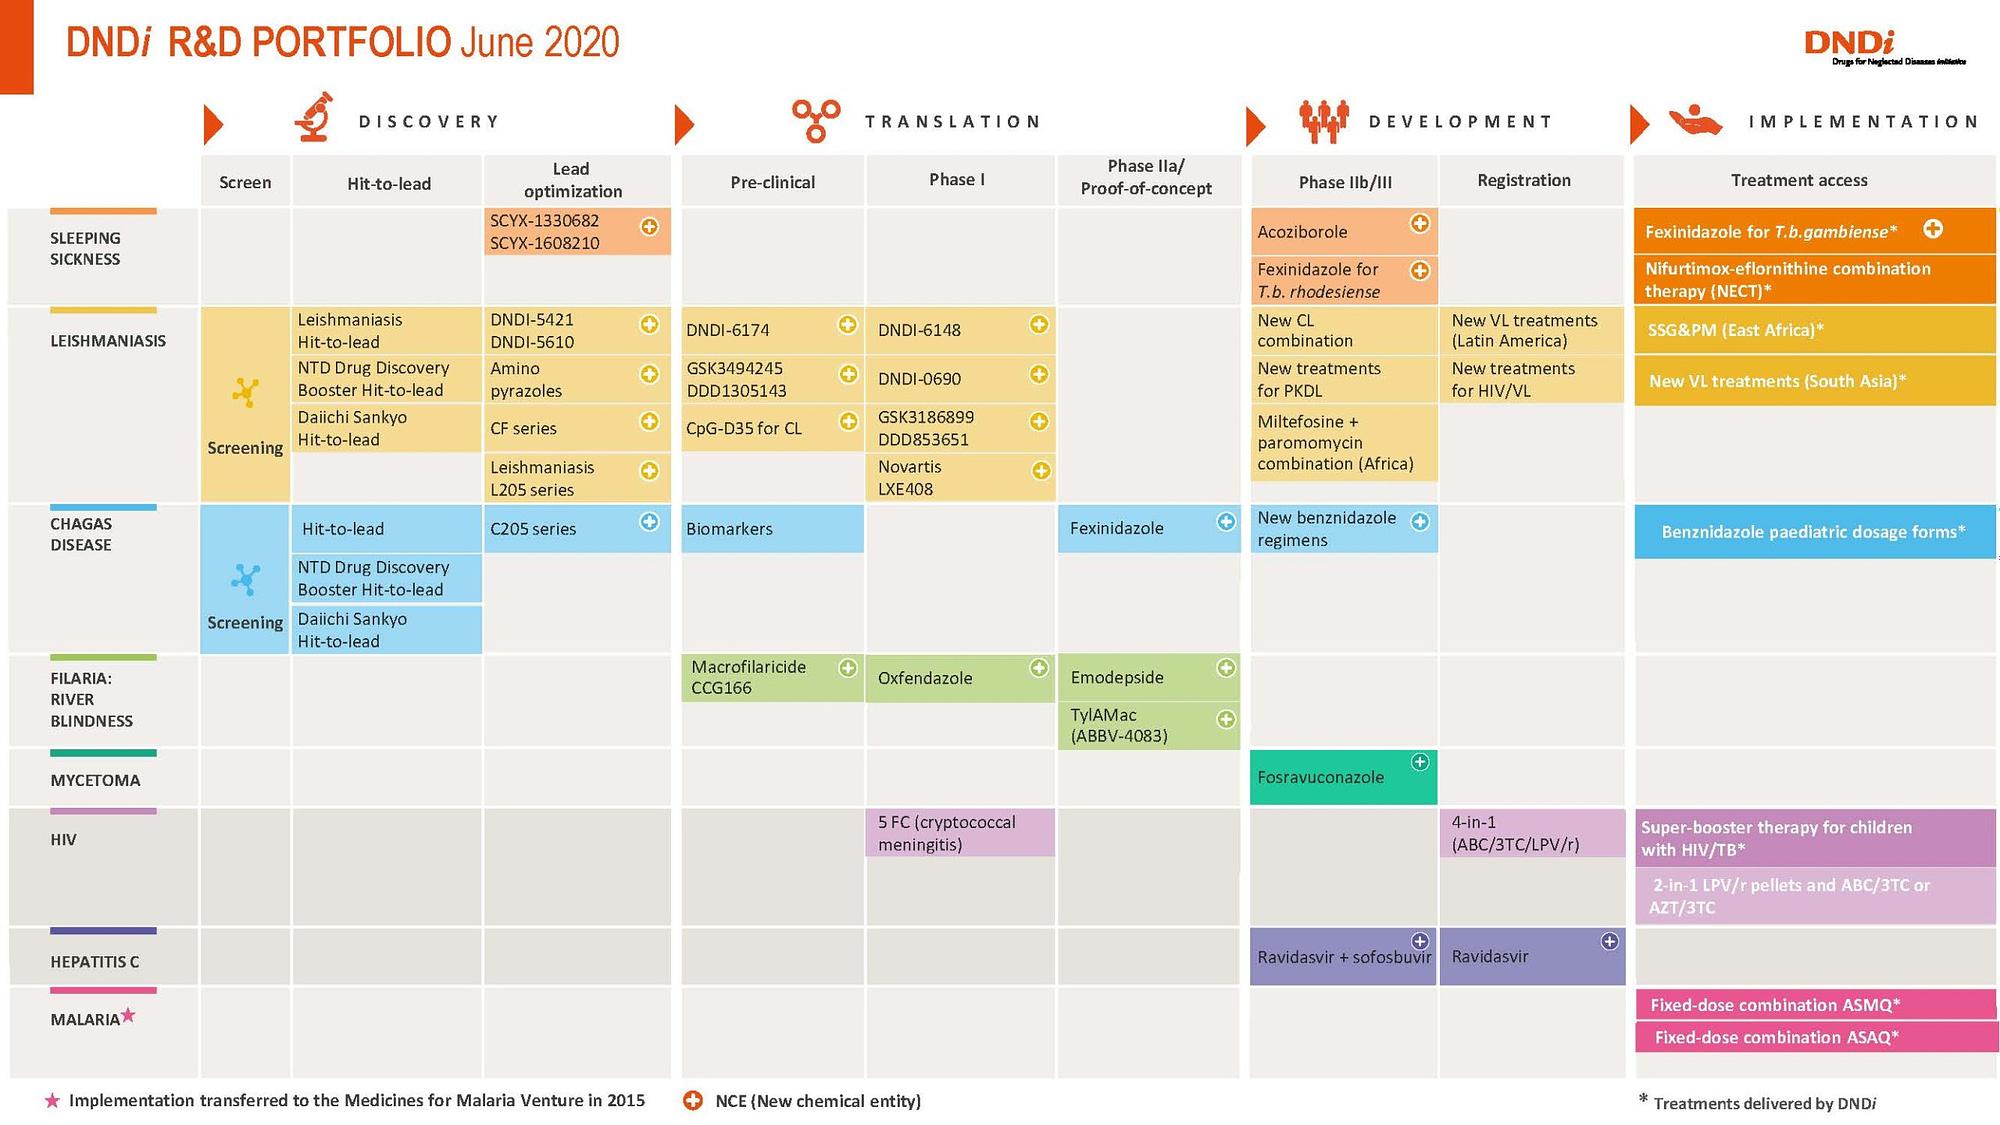 DNDi R&D Portfolio June 2020